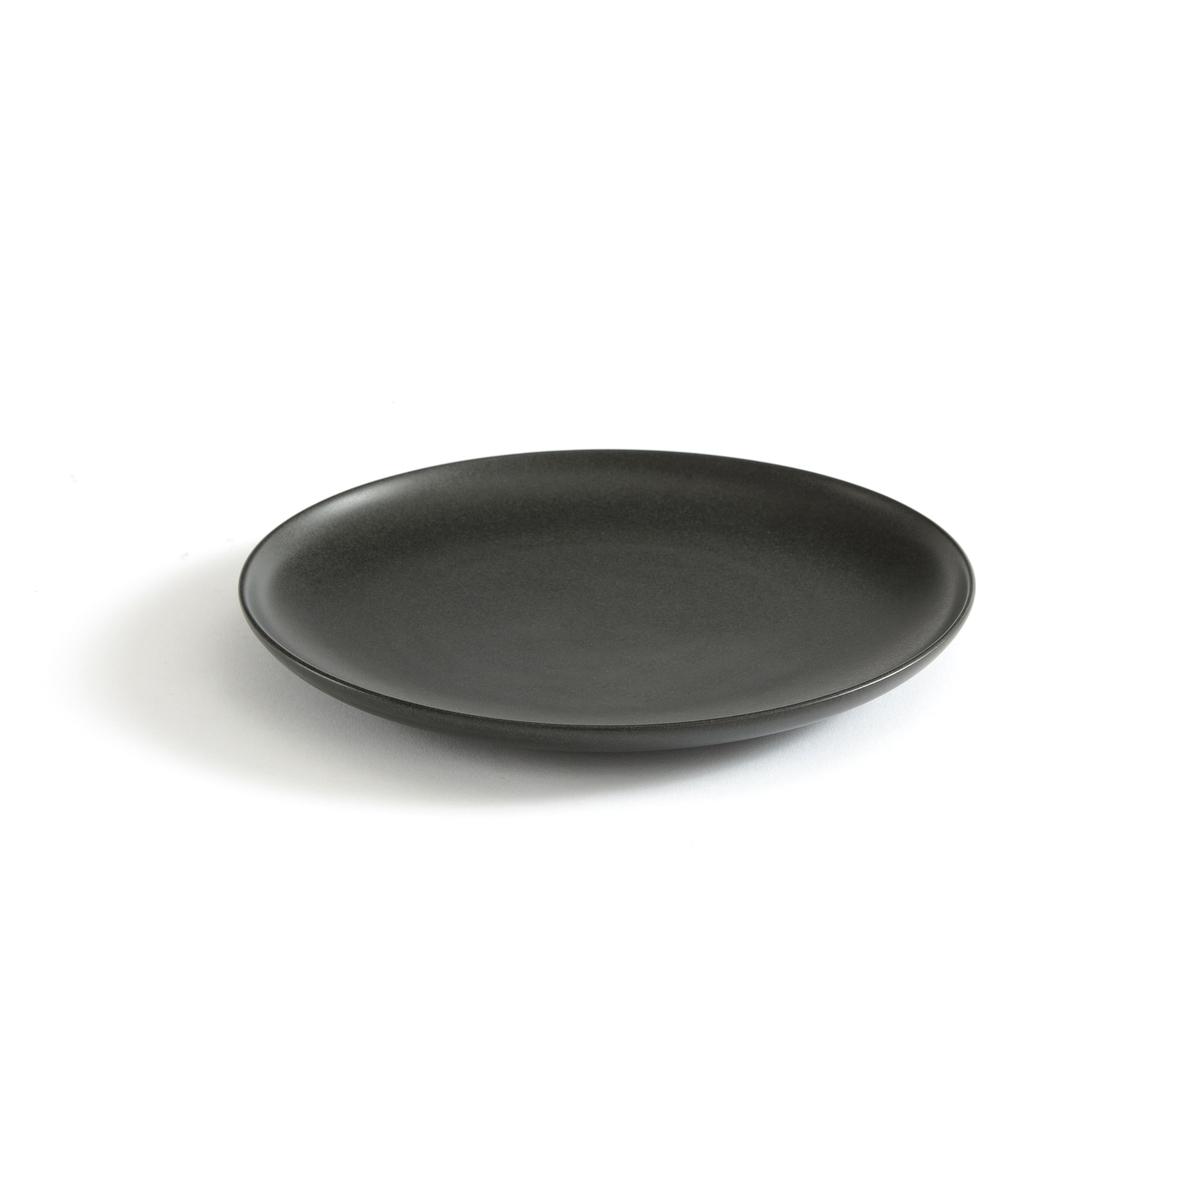 Фото - 2 десертные LaRedoute Тарелки из керамики Banjit единый размер черный 4 десертные laredoute тарелки из глазурованной керамики anika единый размер серый